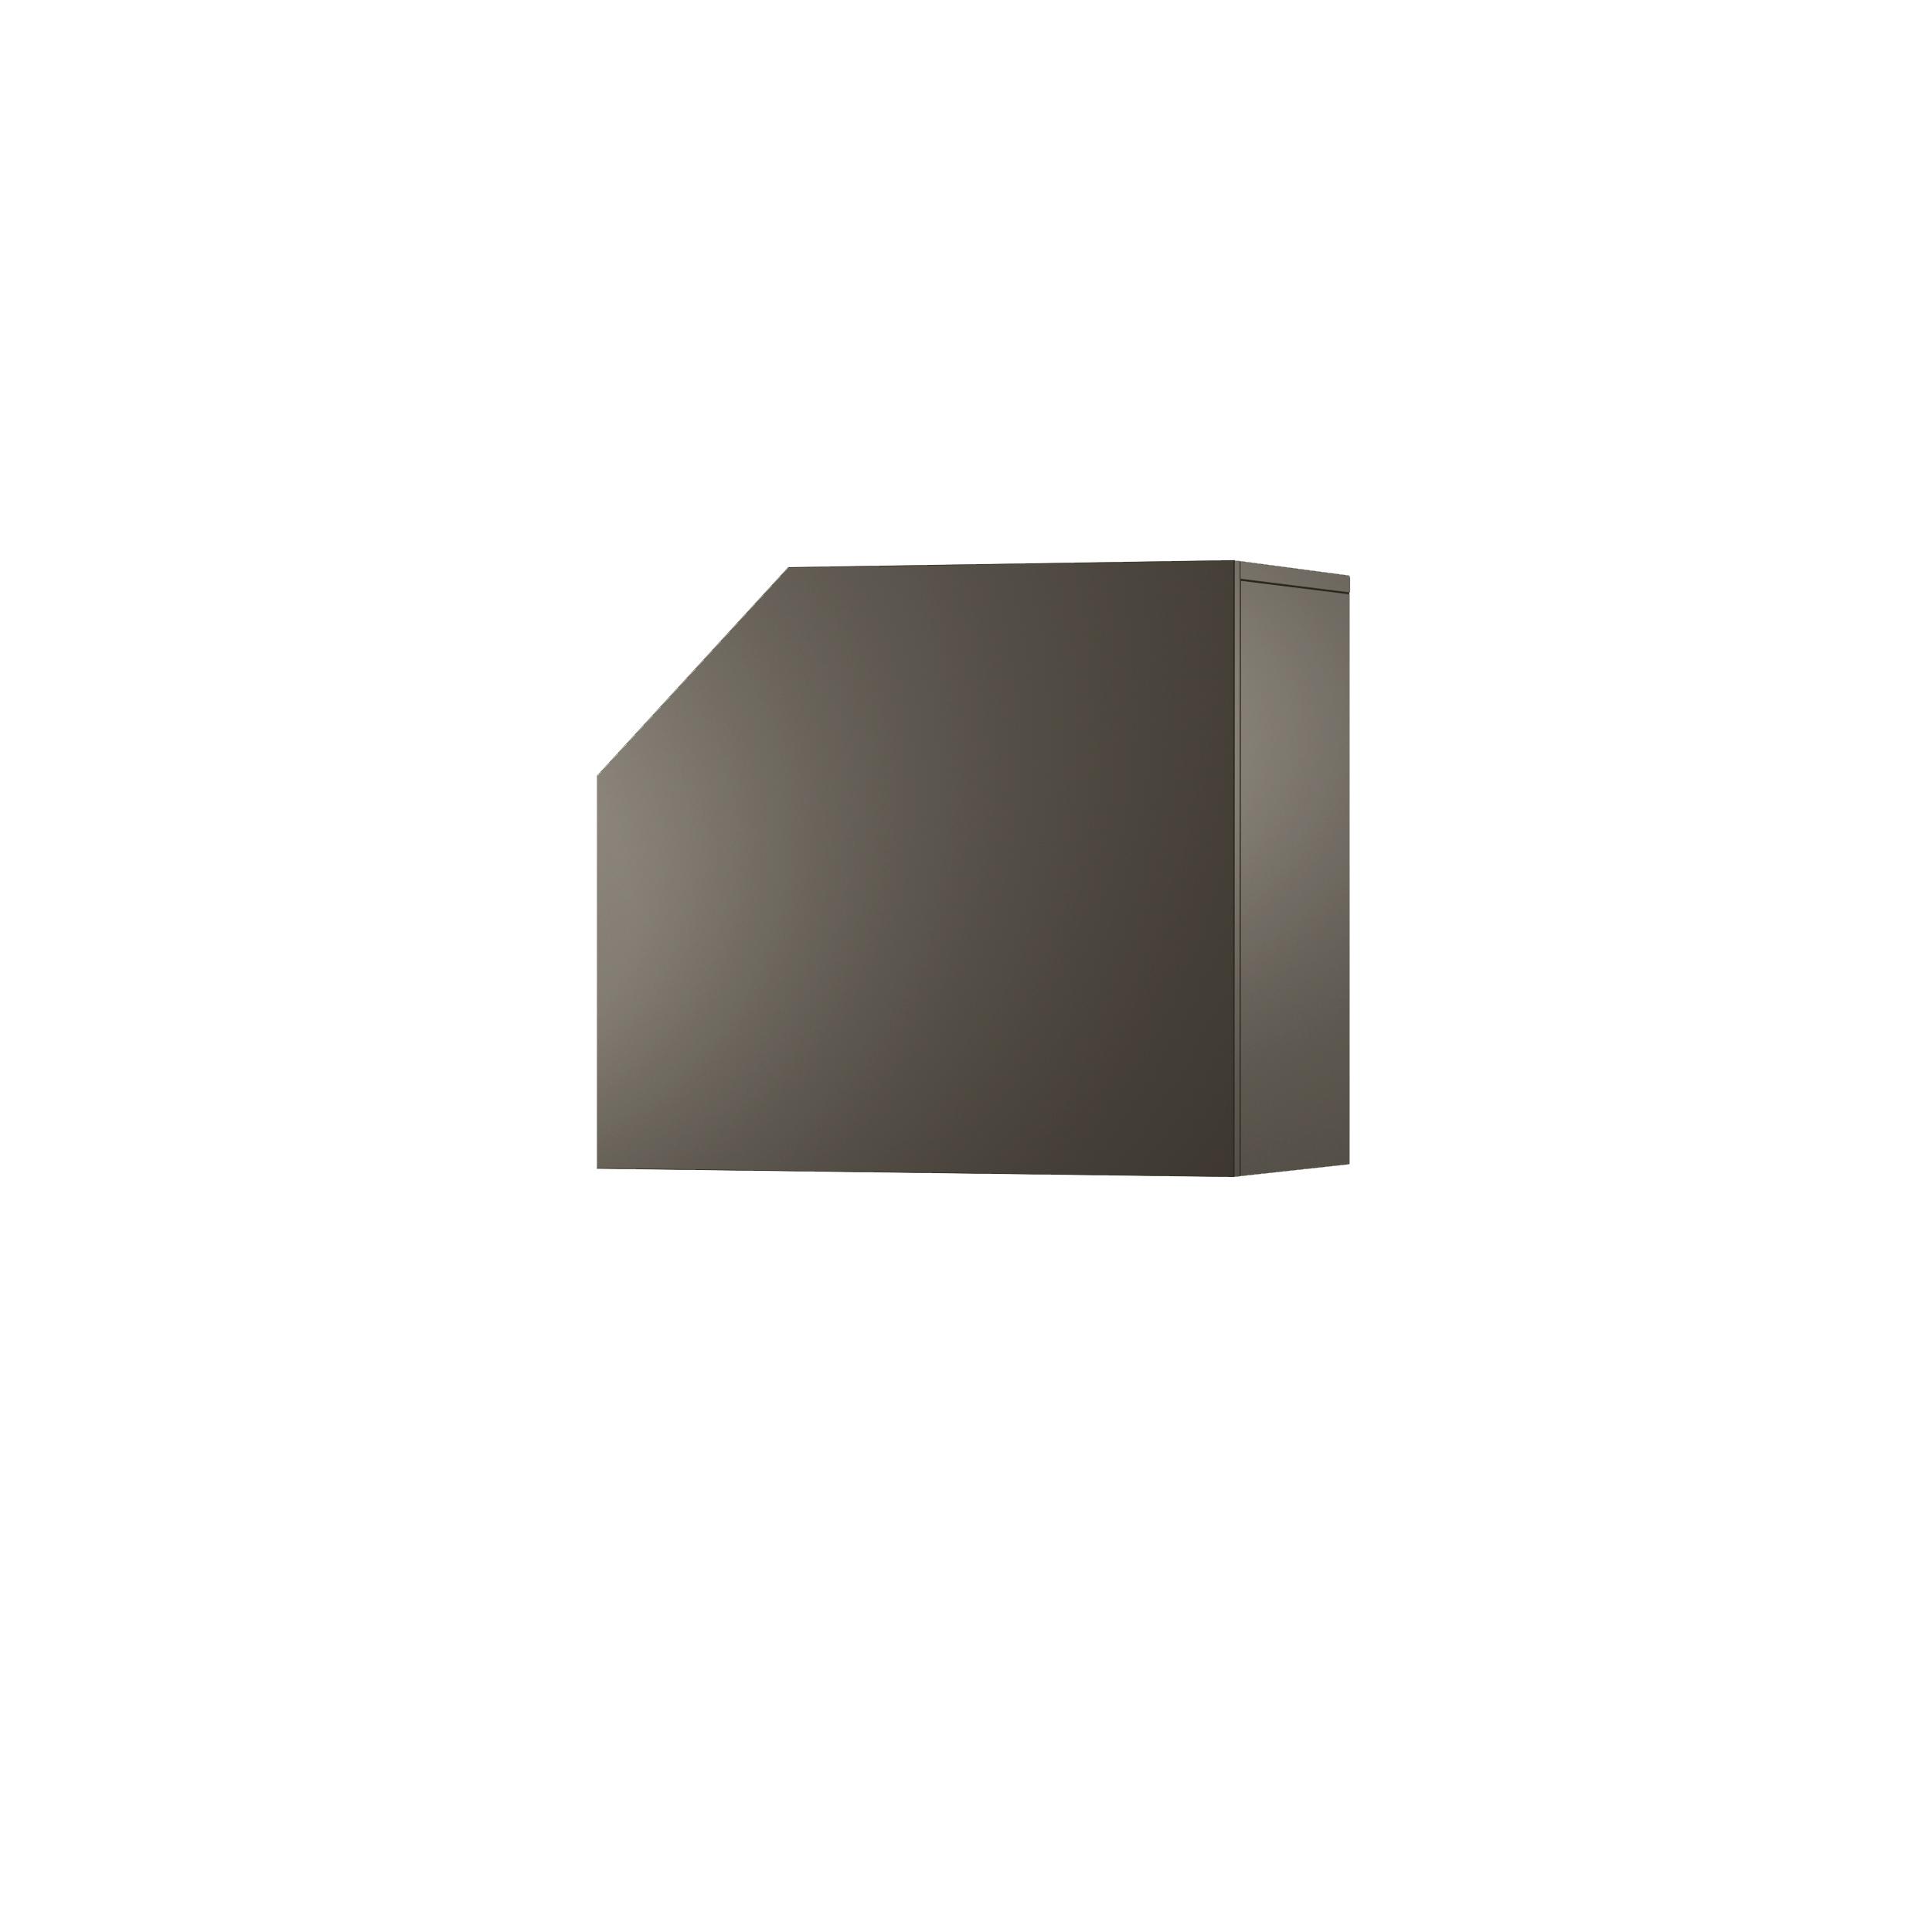 Dulap Modular Nook Left Graphite  L65xl37xh58 Cm